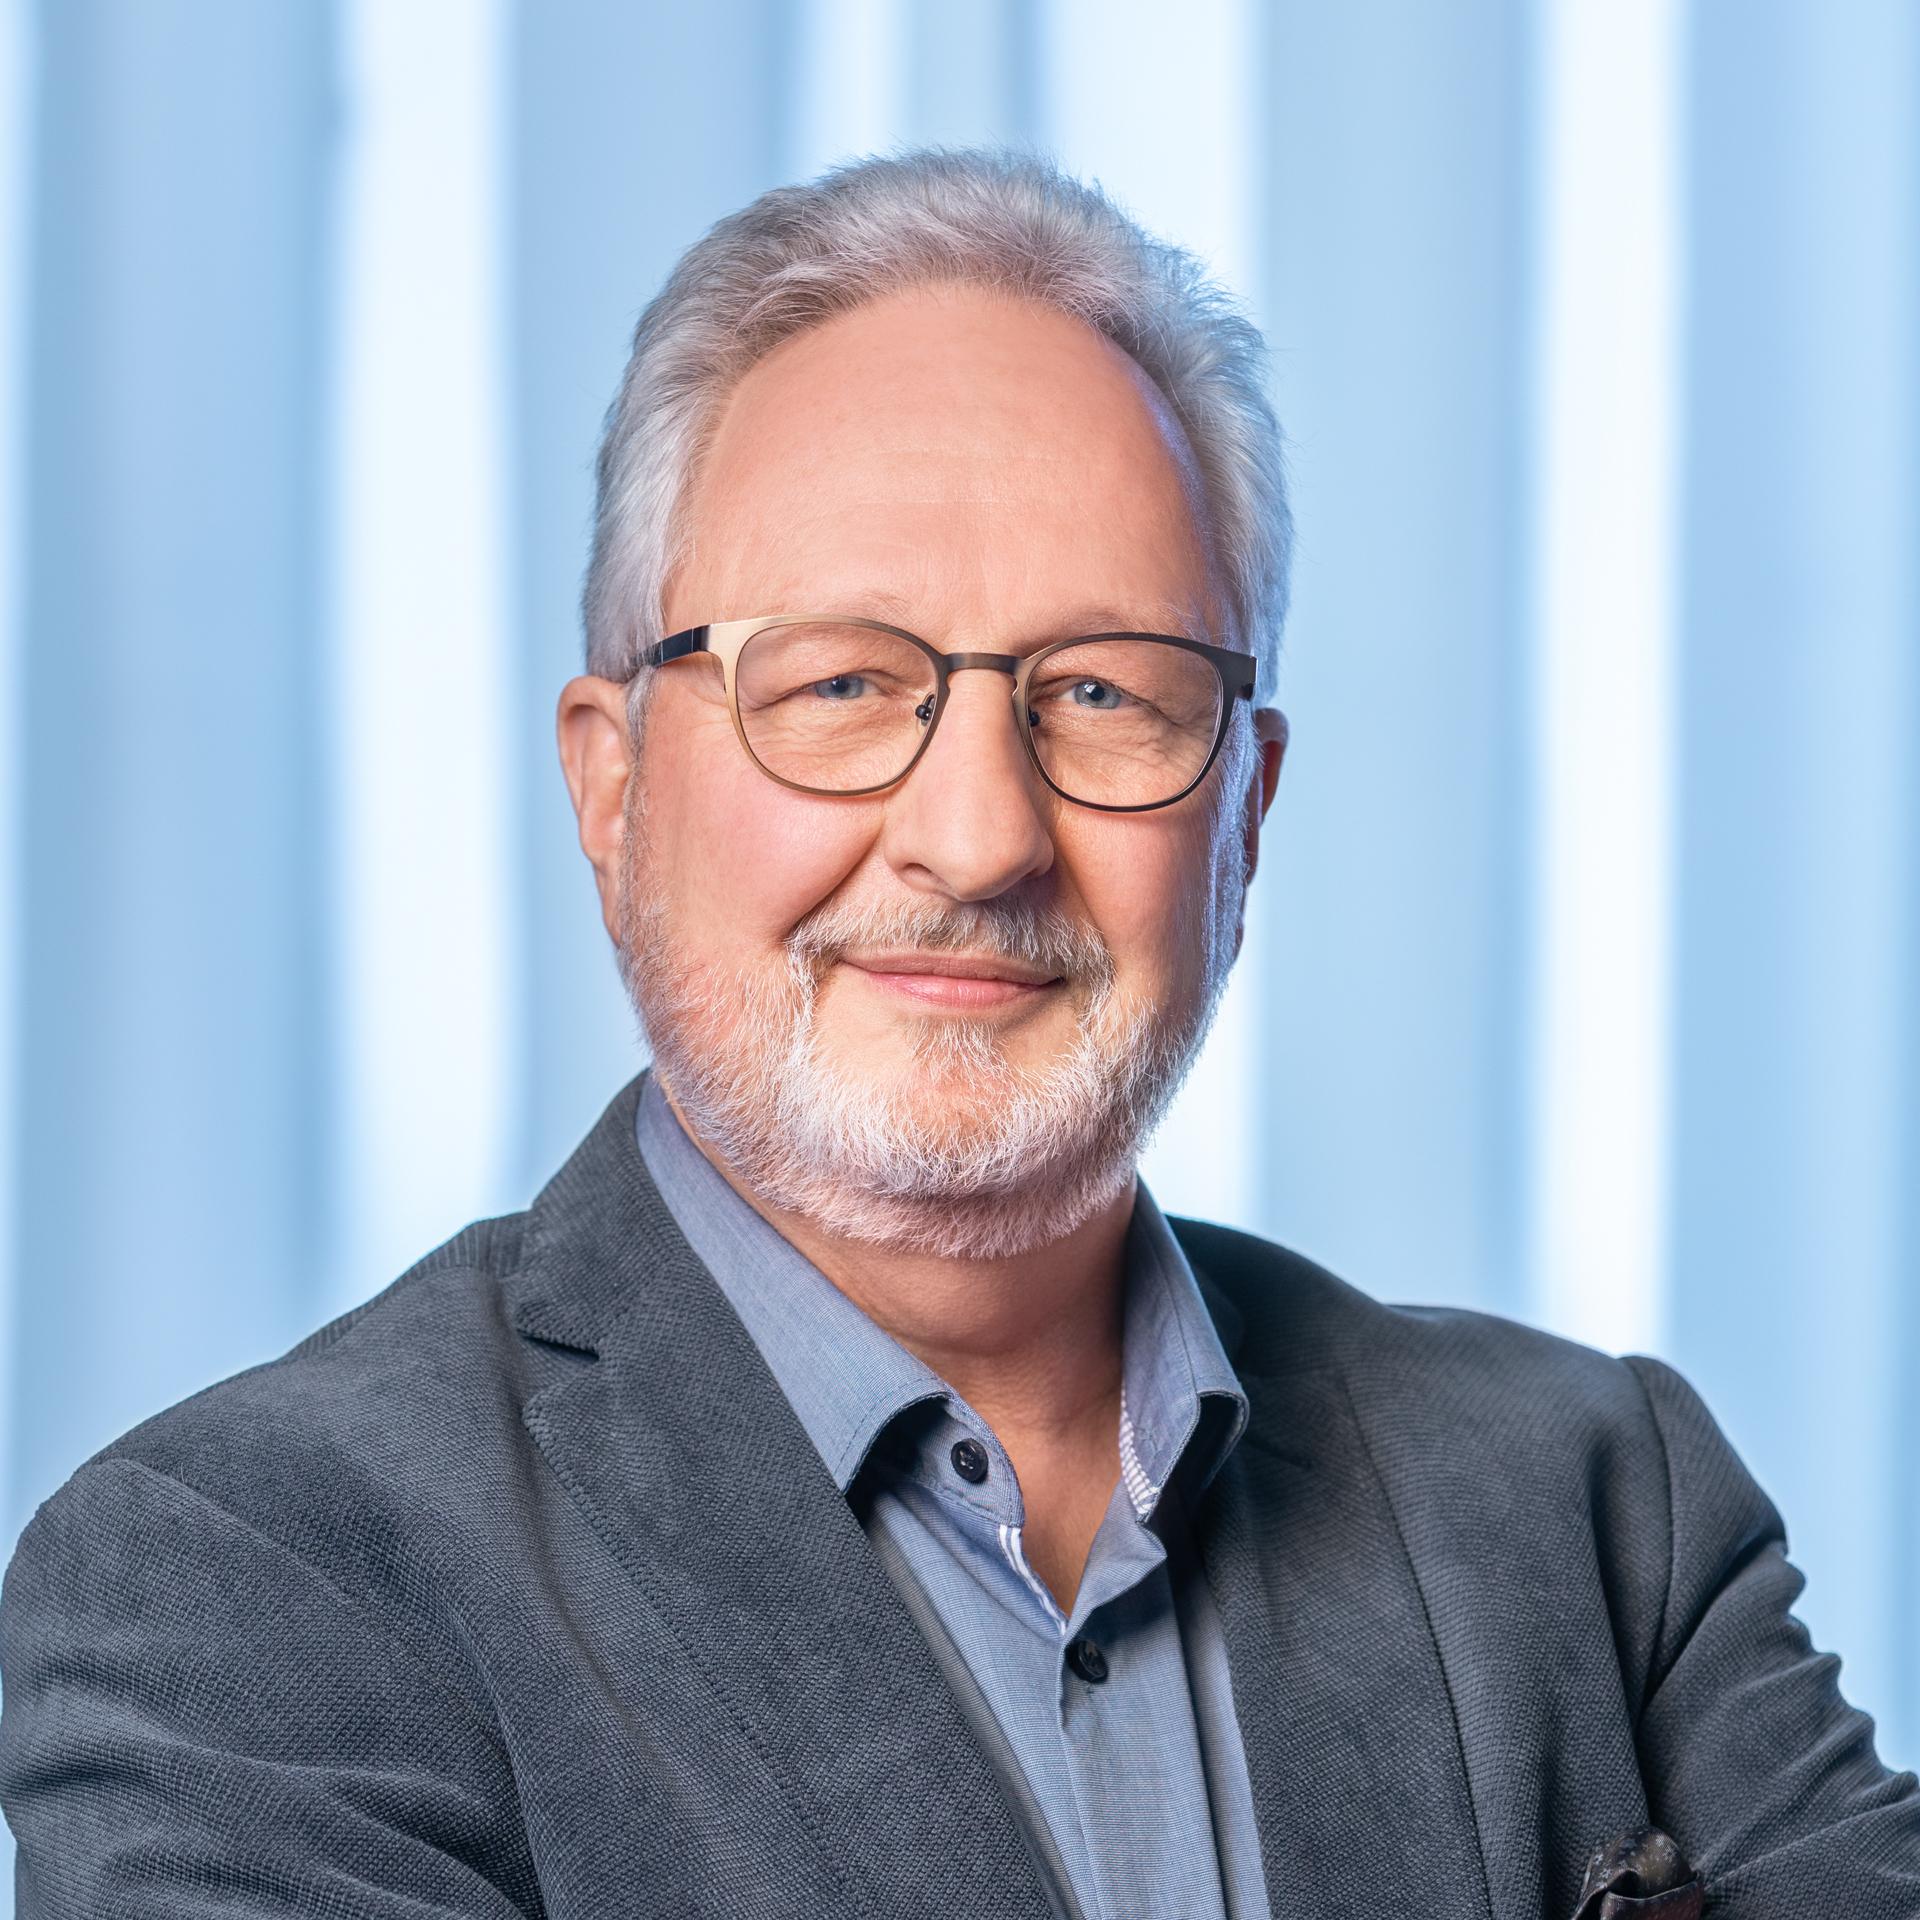 Olaf Pusch